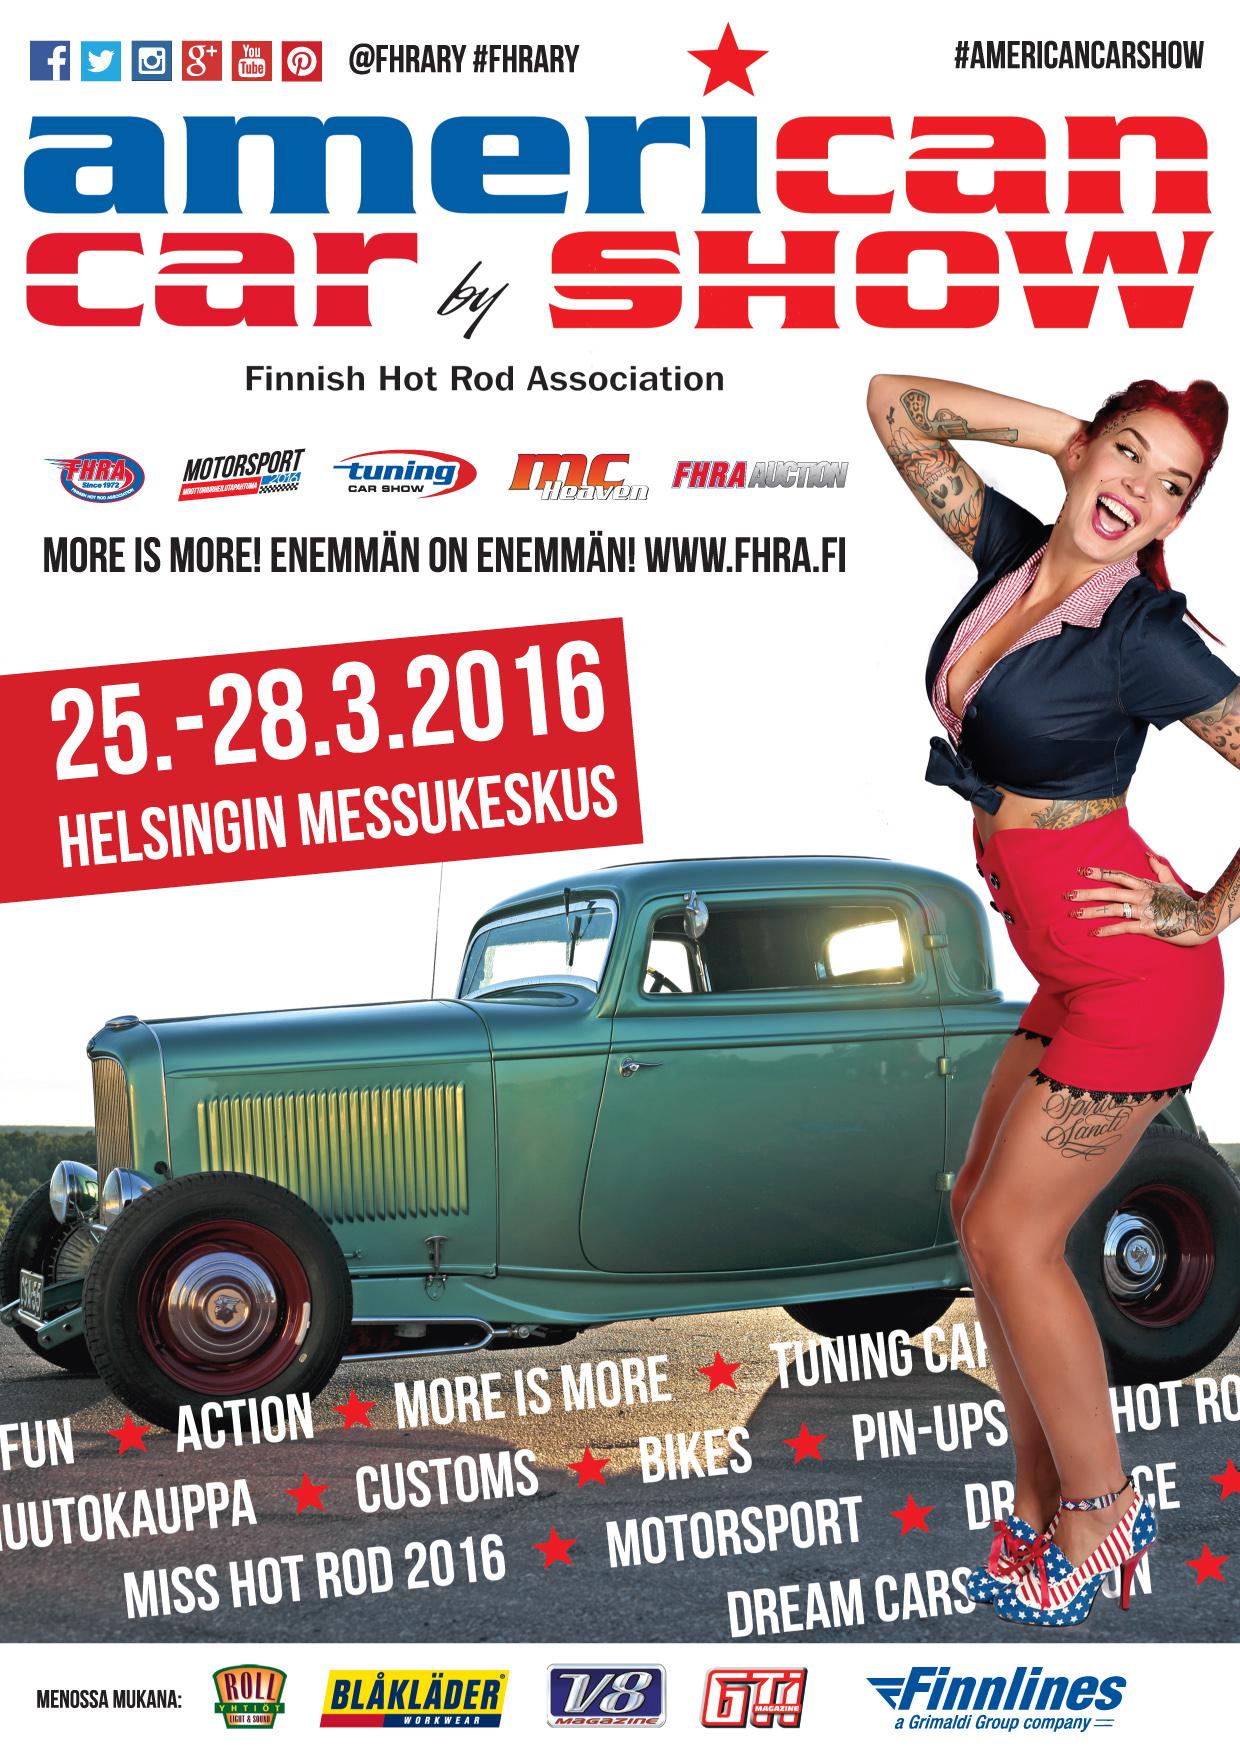 Car Show 2015 >> American Car Show 2016